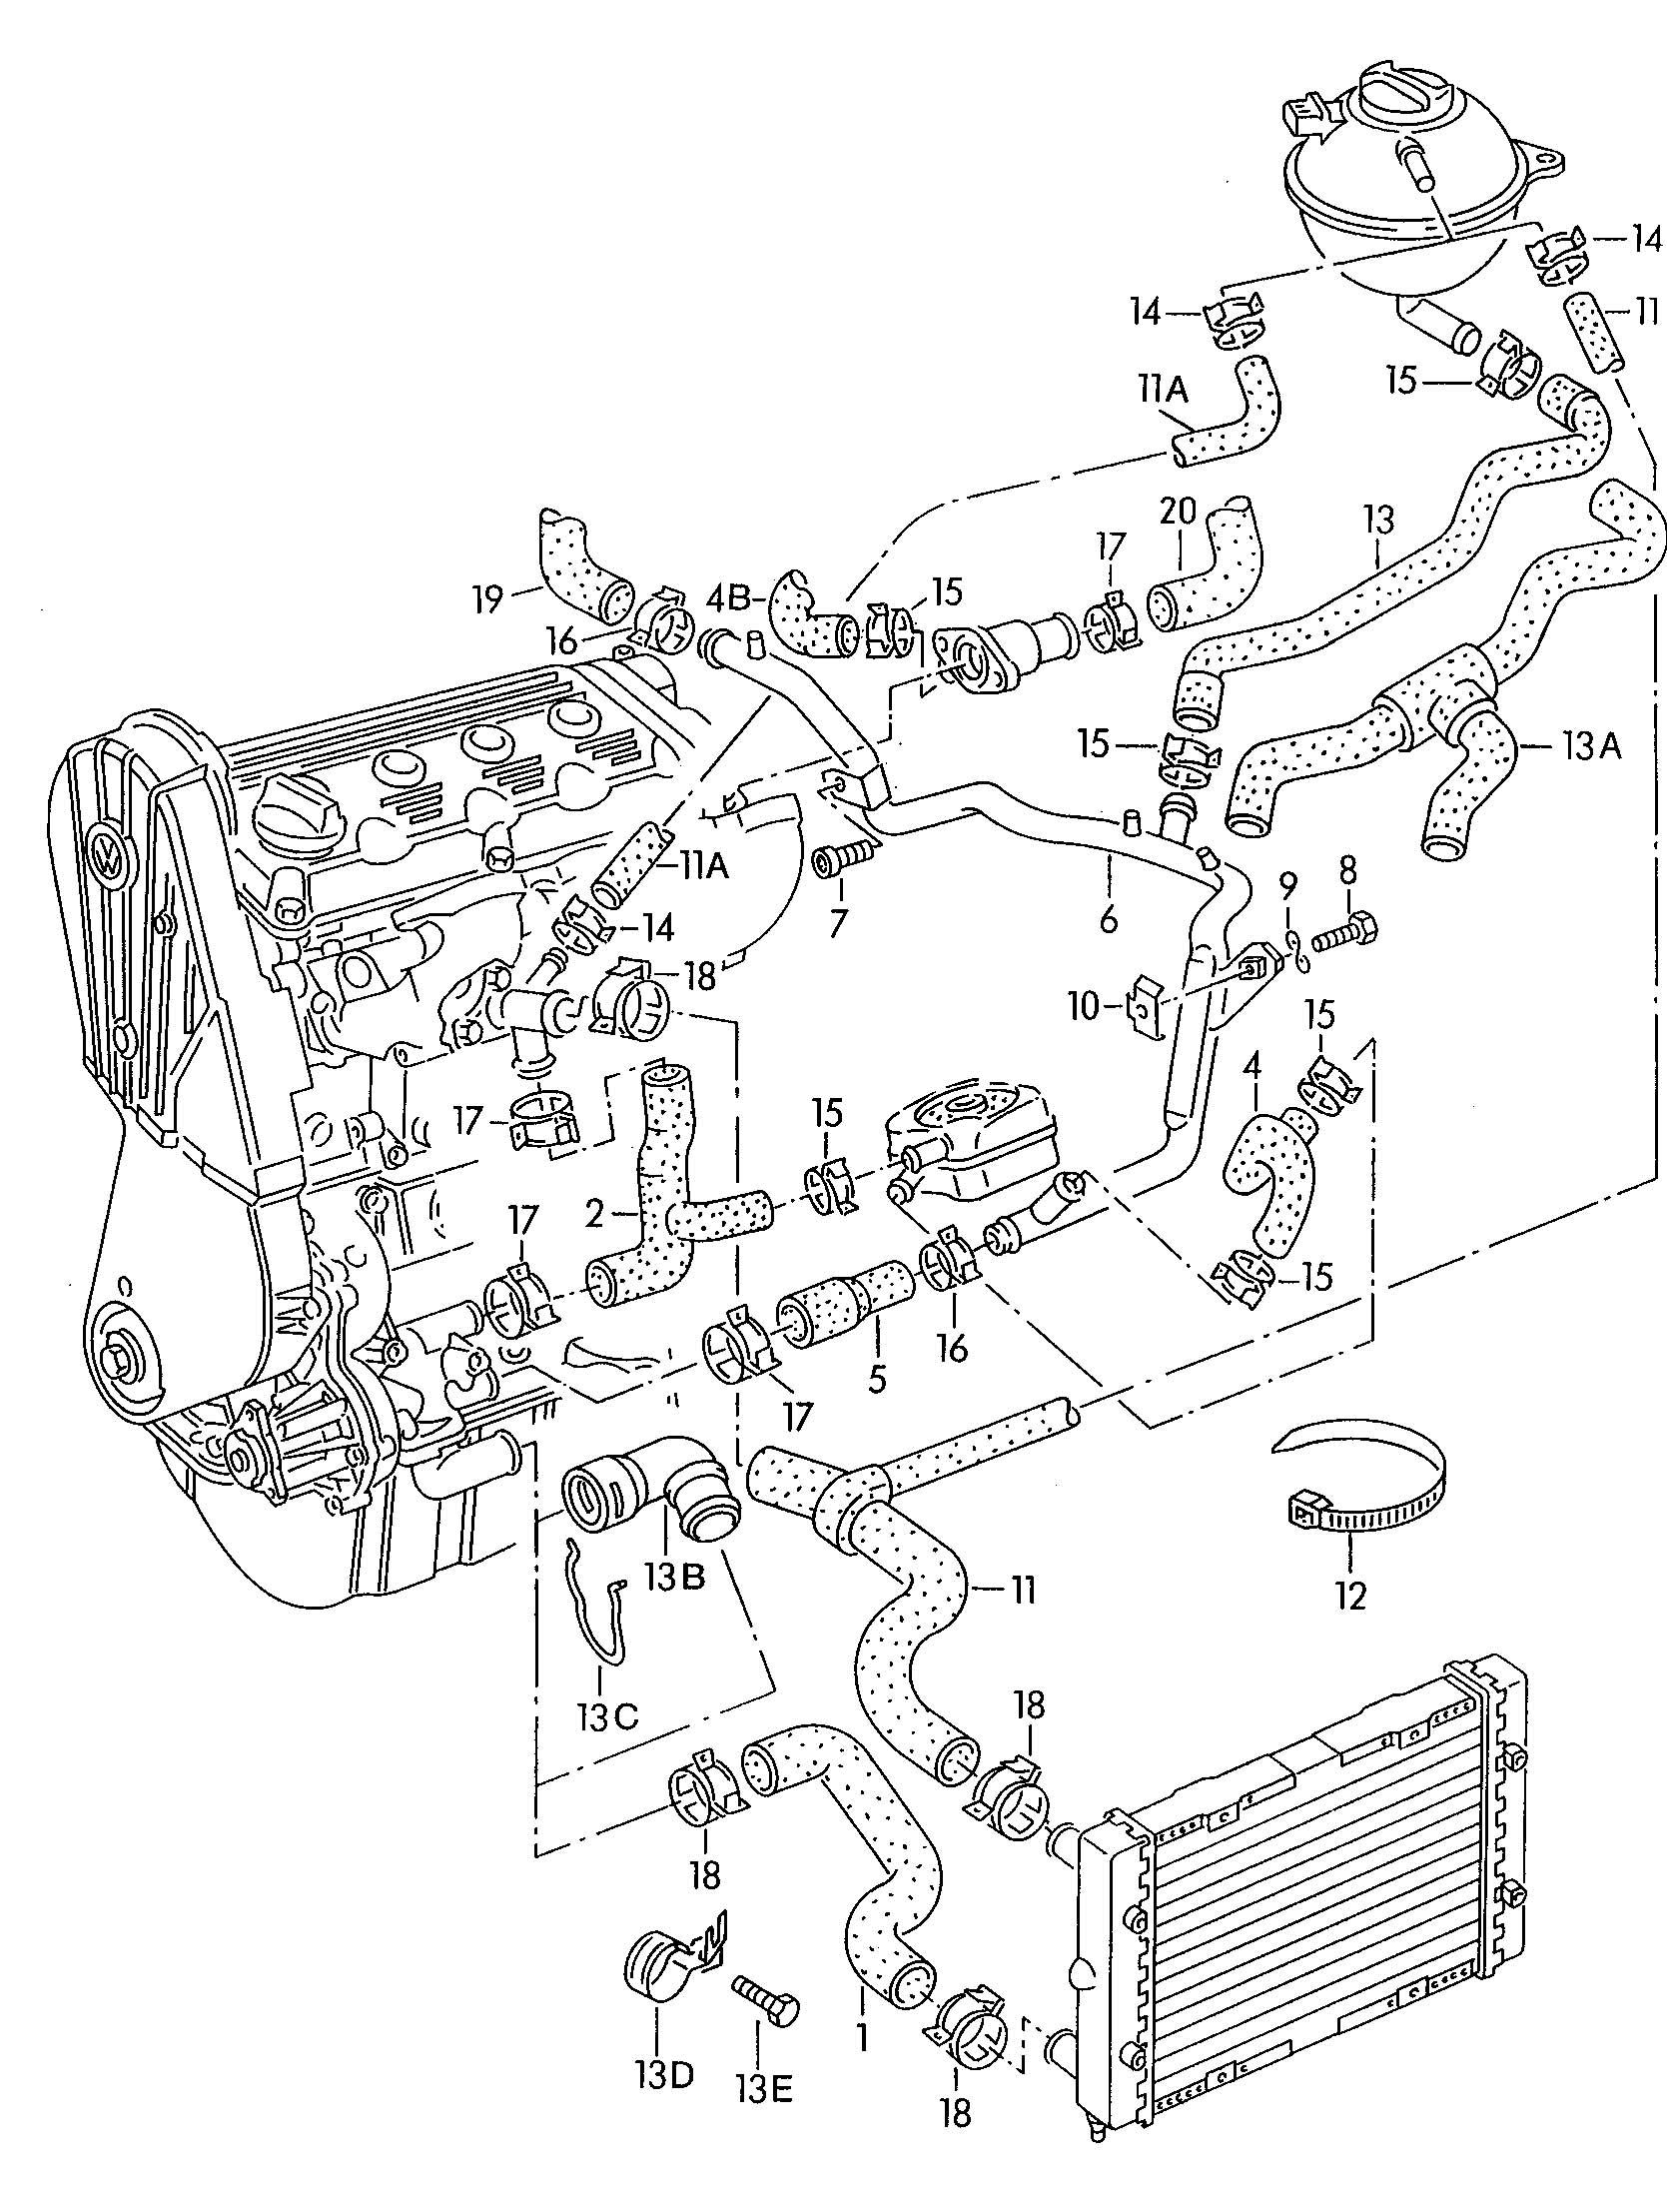 Volkswagen Passat Water hose (oil cooler > water pipe